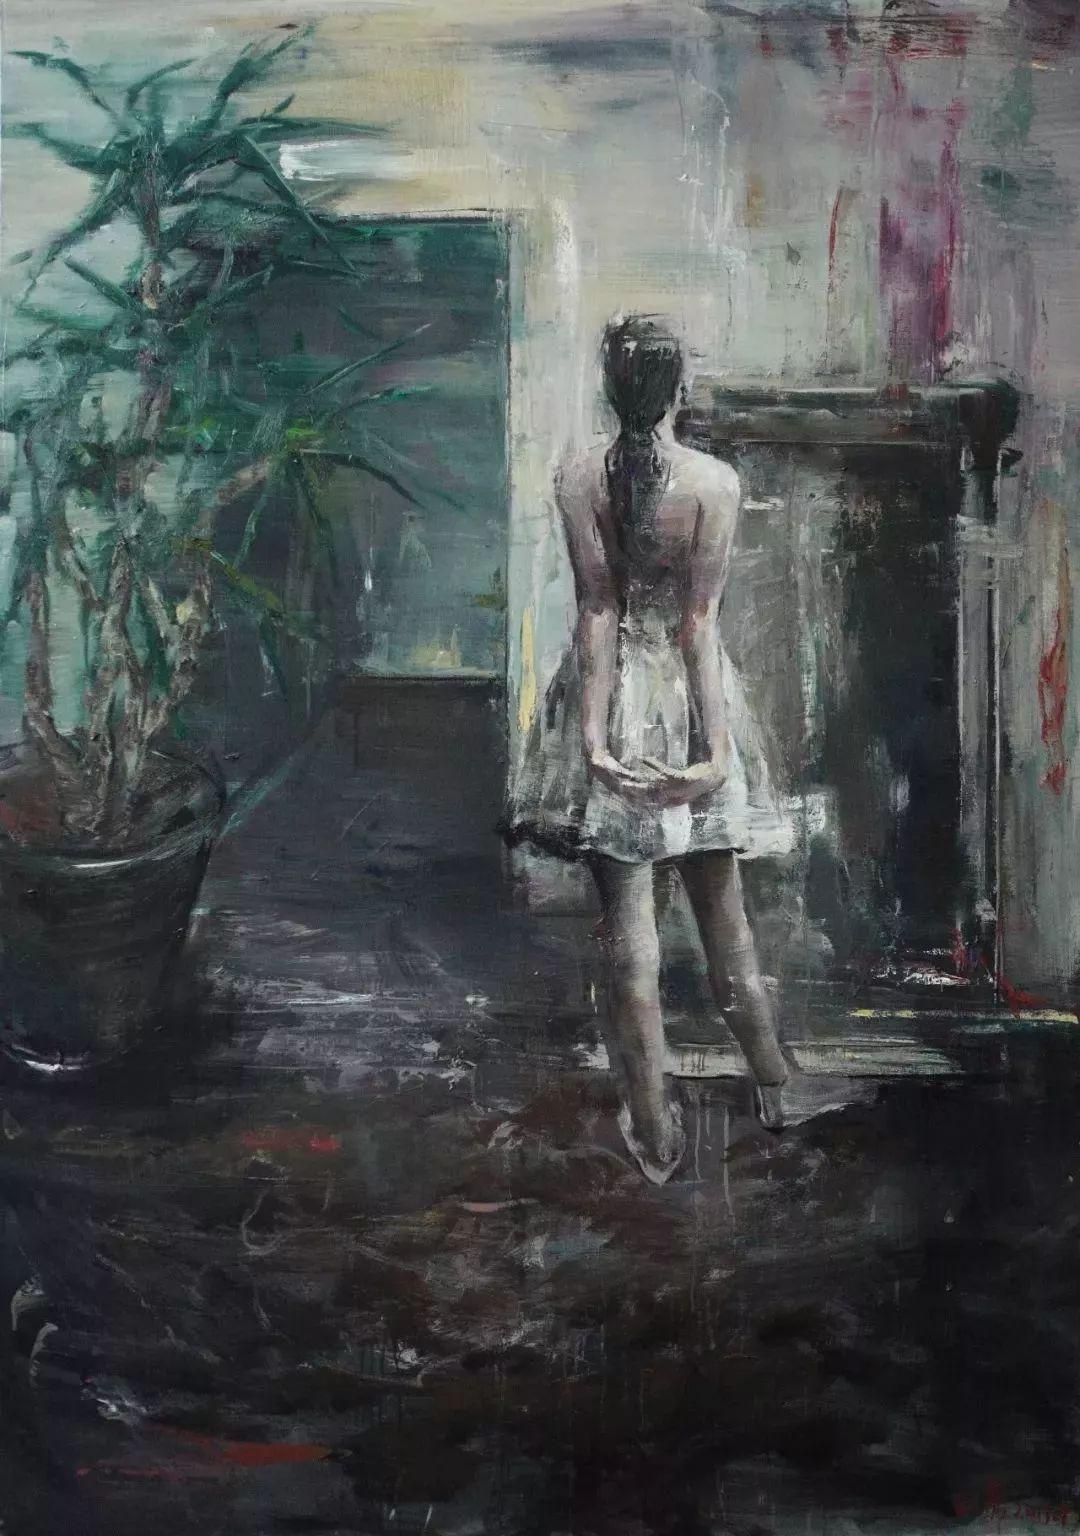 很难想到这作品出自一位清瘦高挑的美女艺术家之手插图41